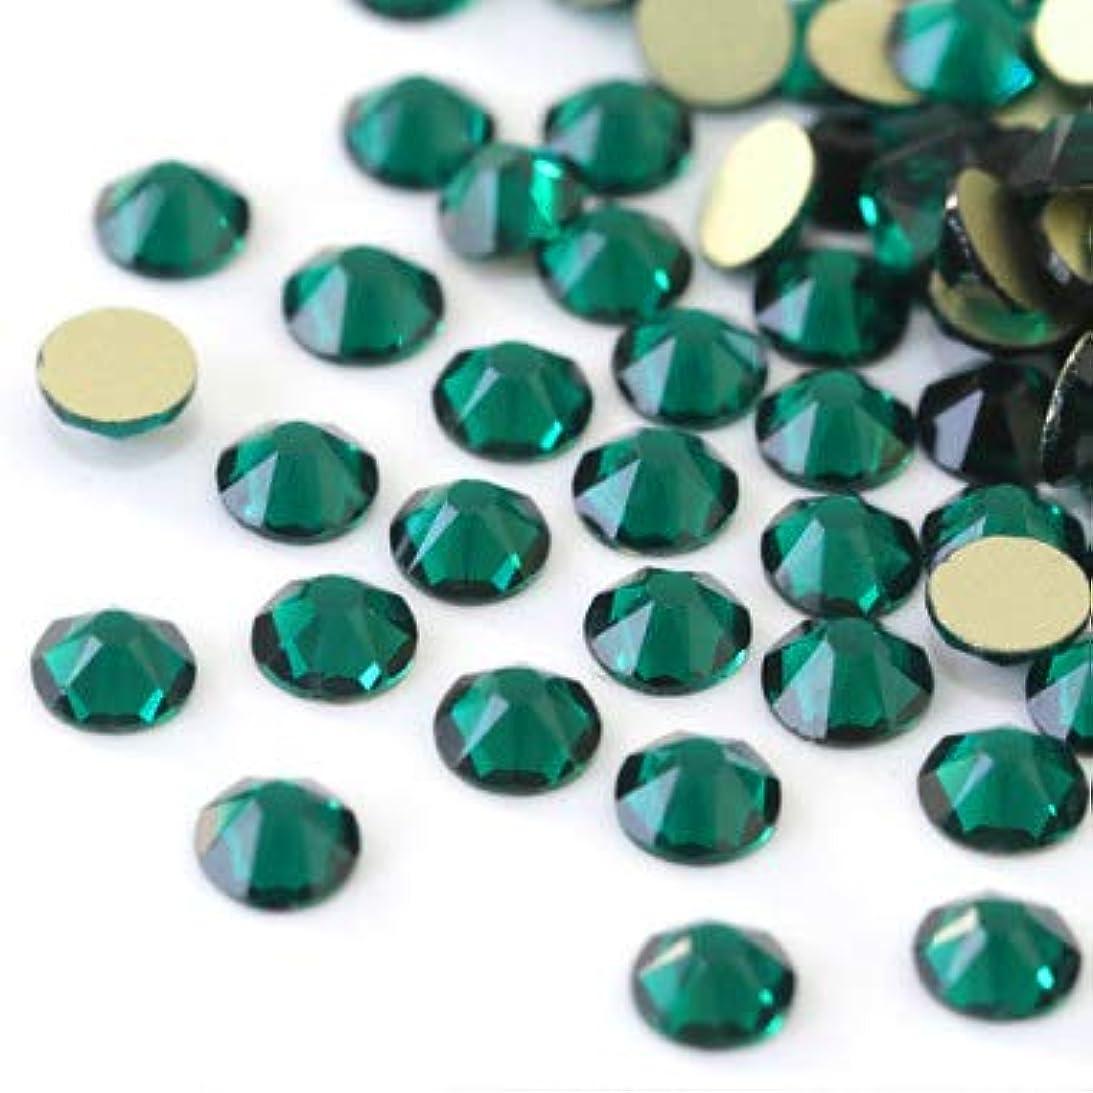 官僚の前で展開する【ラインストーン77】高品質ガラス製ラインストーン ブルージルコン(1.5mm (SS4) 約200粒)